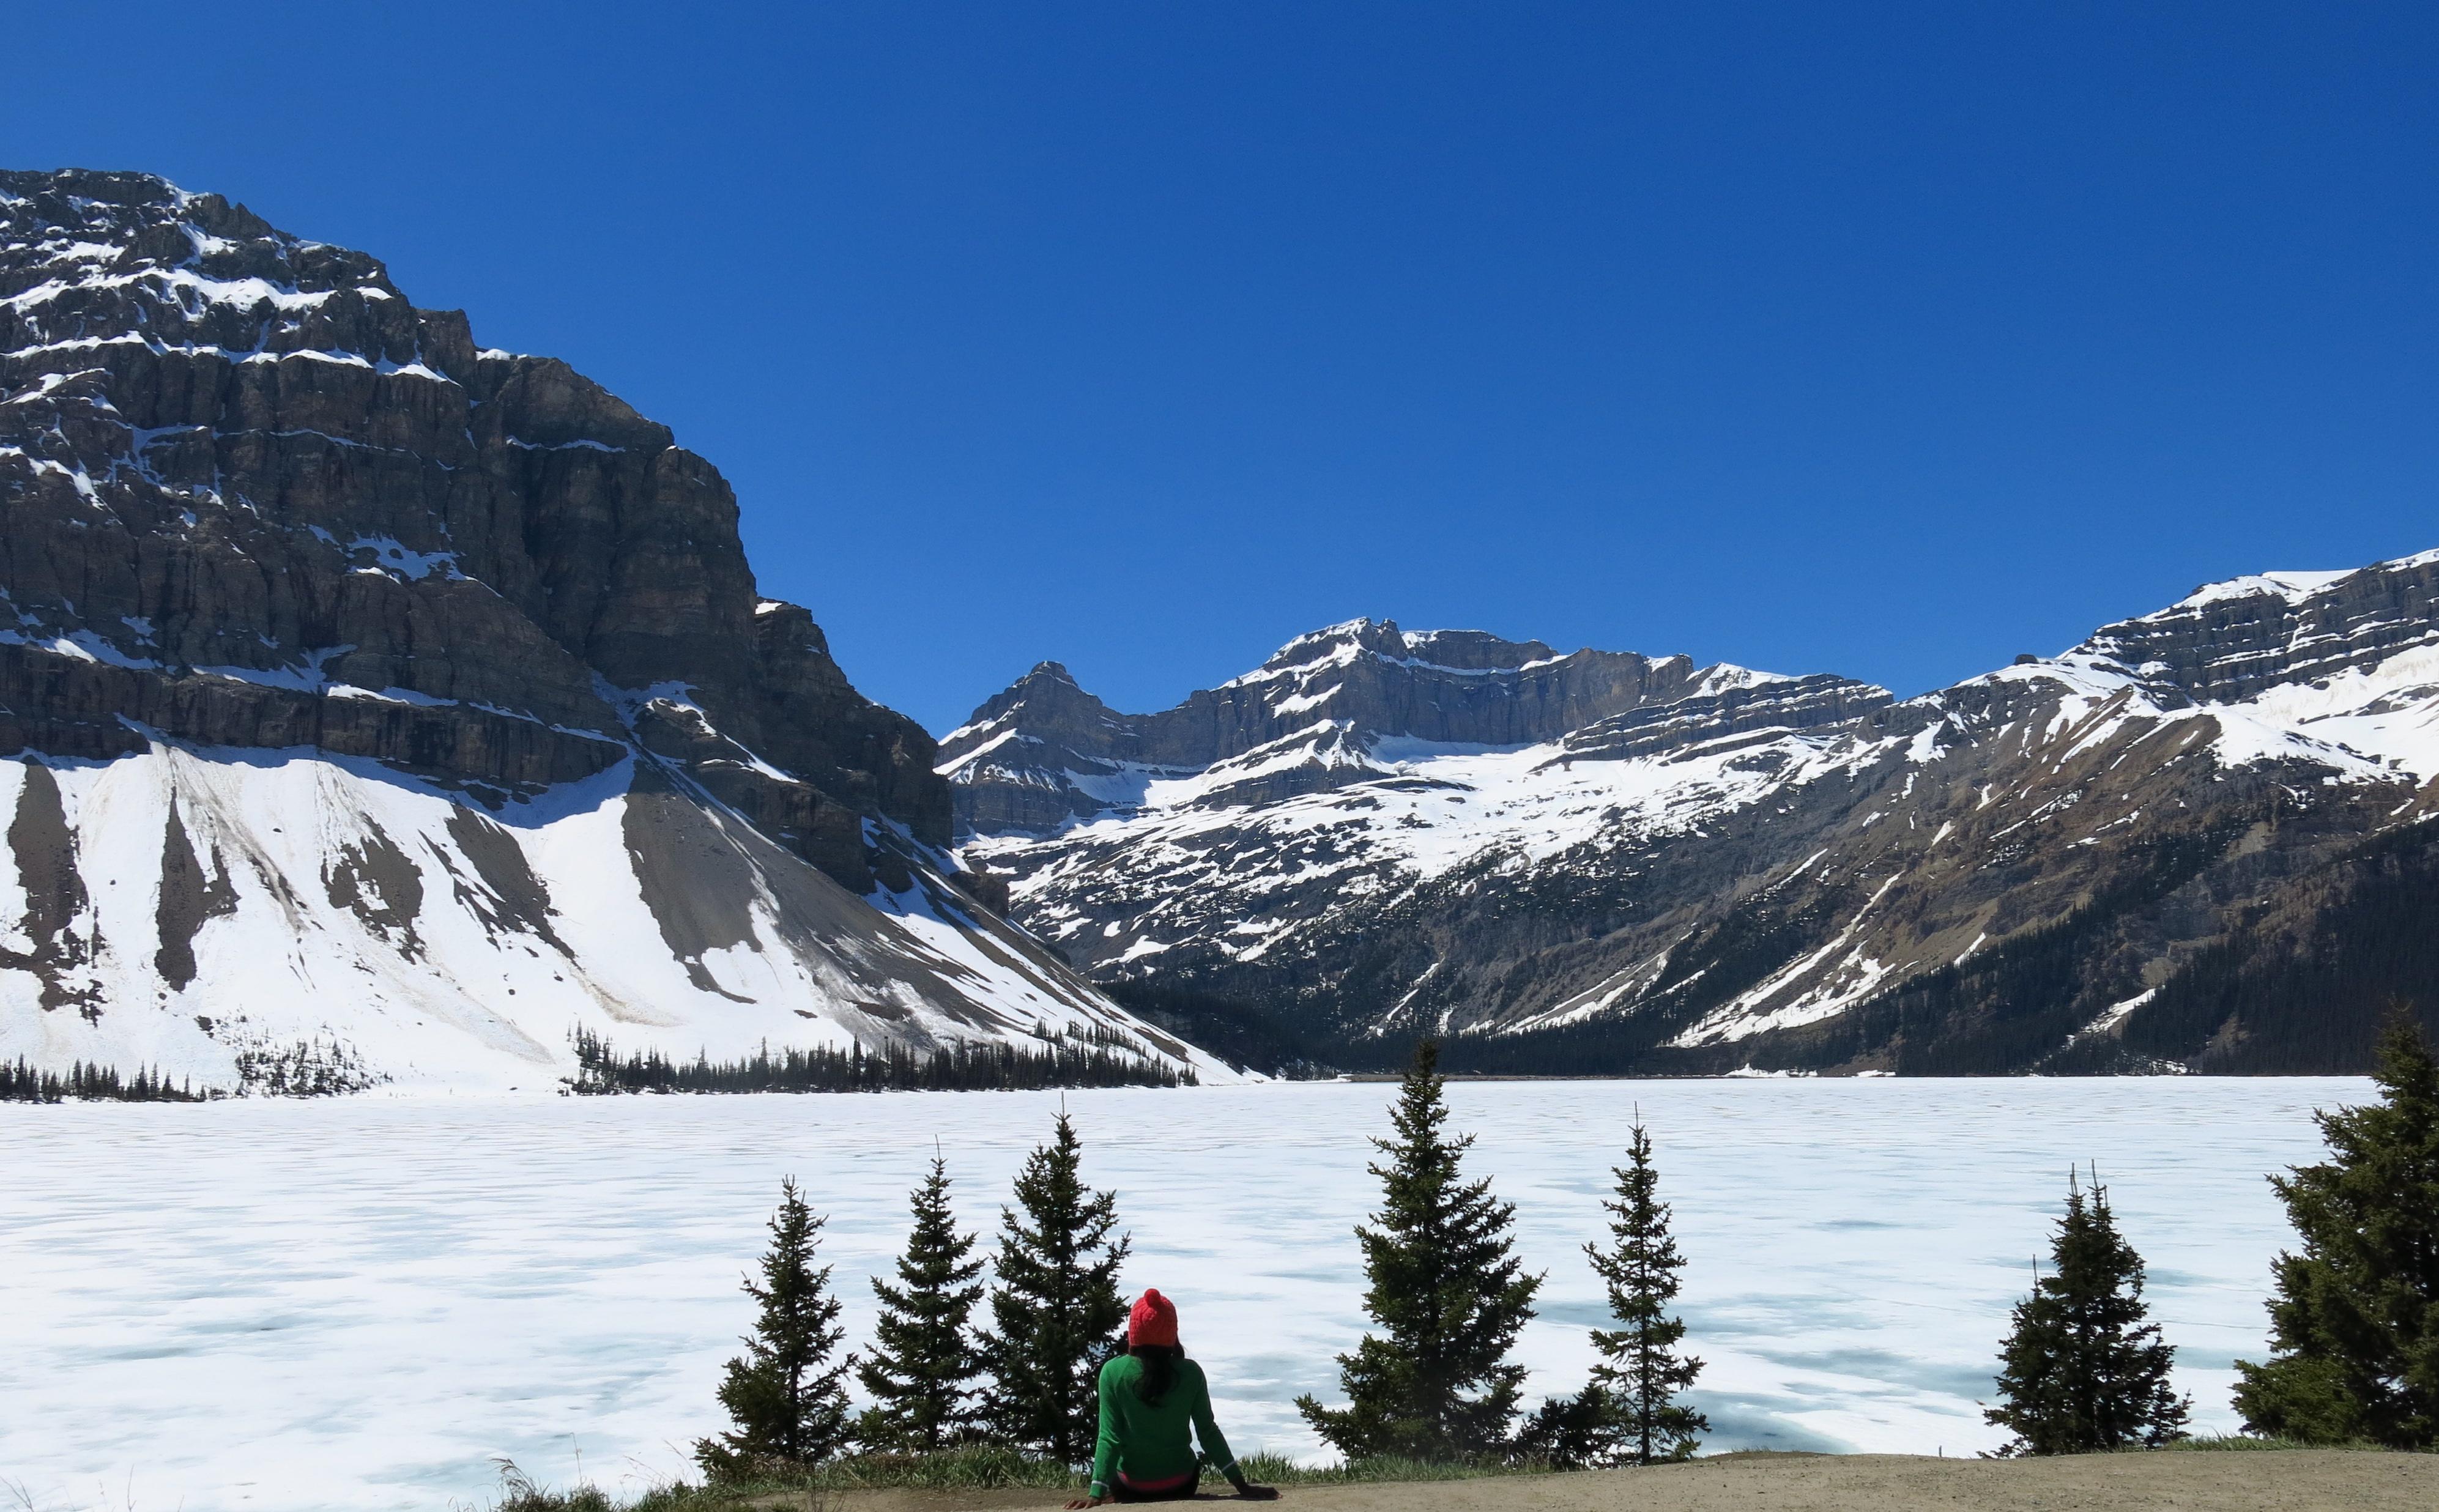 Bow Lake & Crowfoot Glacier at Banff National Park